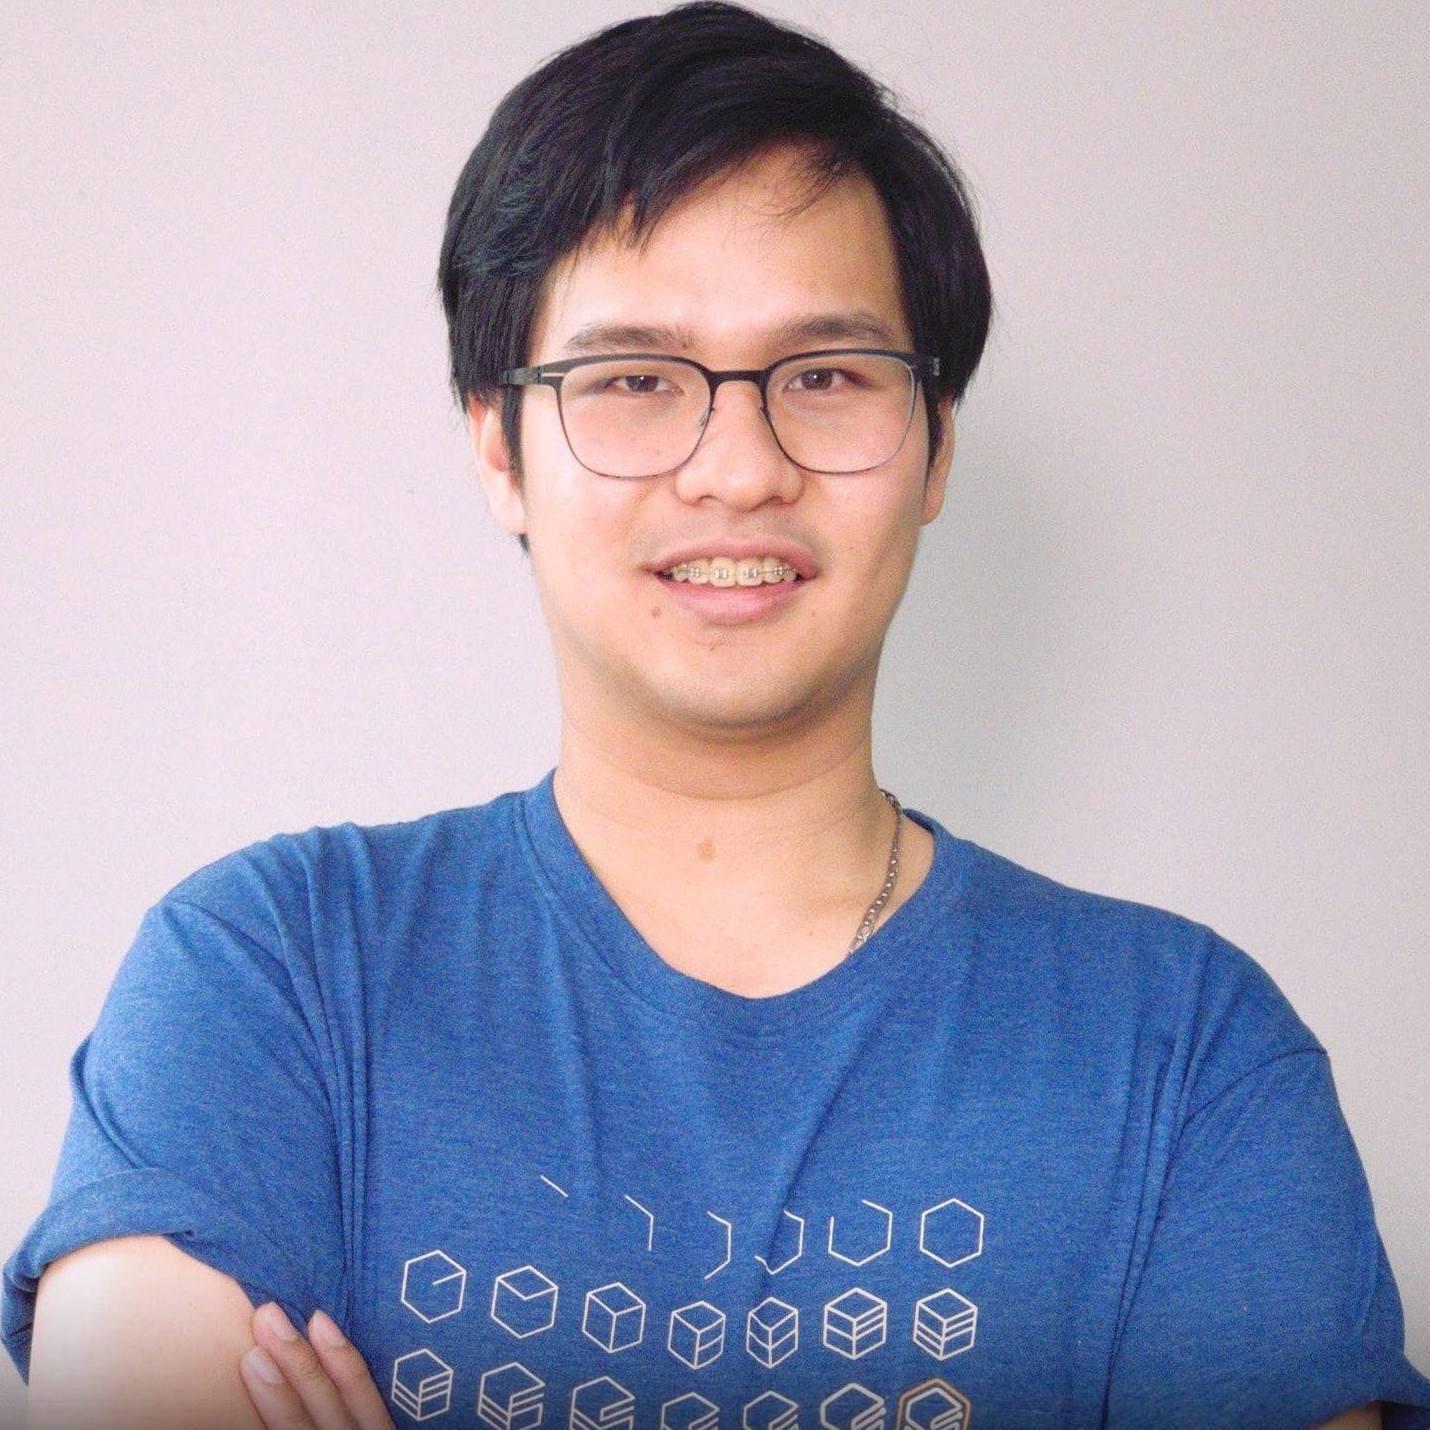 ณัฐนันท์ ฉันทานุรักษ์ (Lead Software Engineer, แอปพลิเคชั่น Learn Anywhere) | Skooldio Instructor